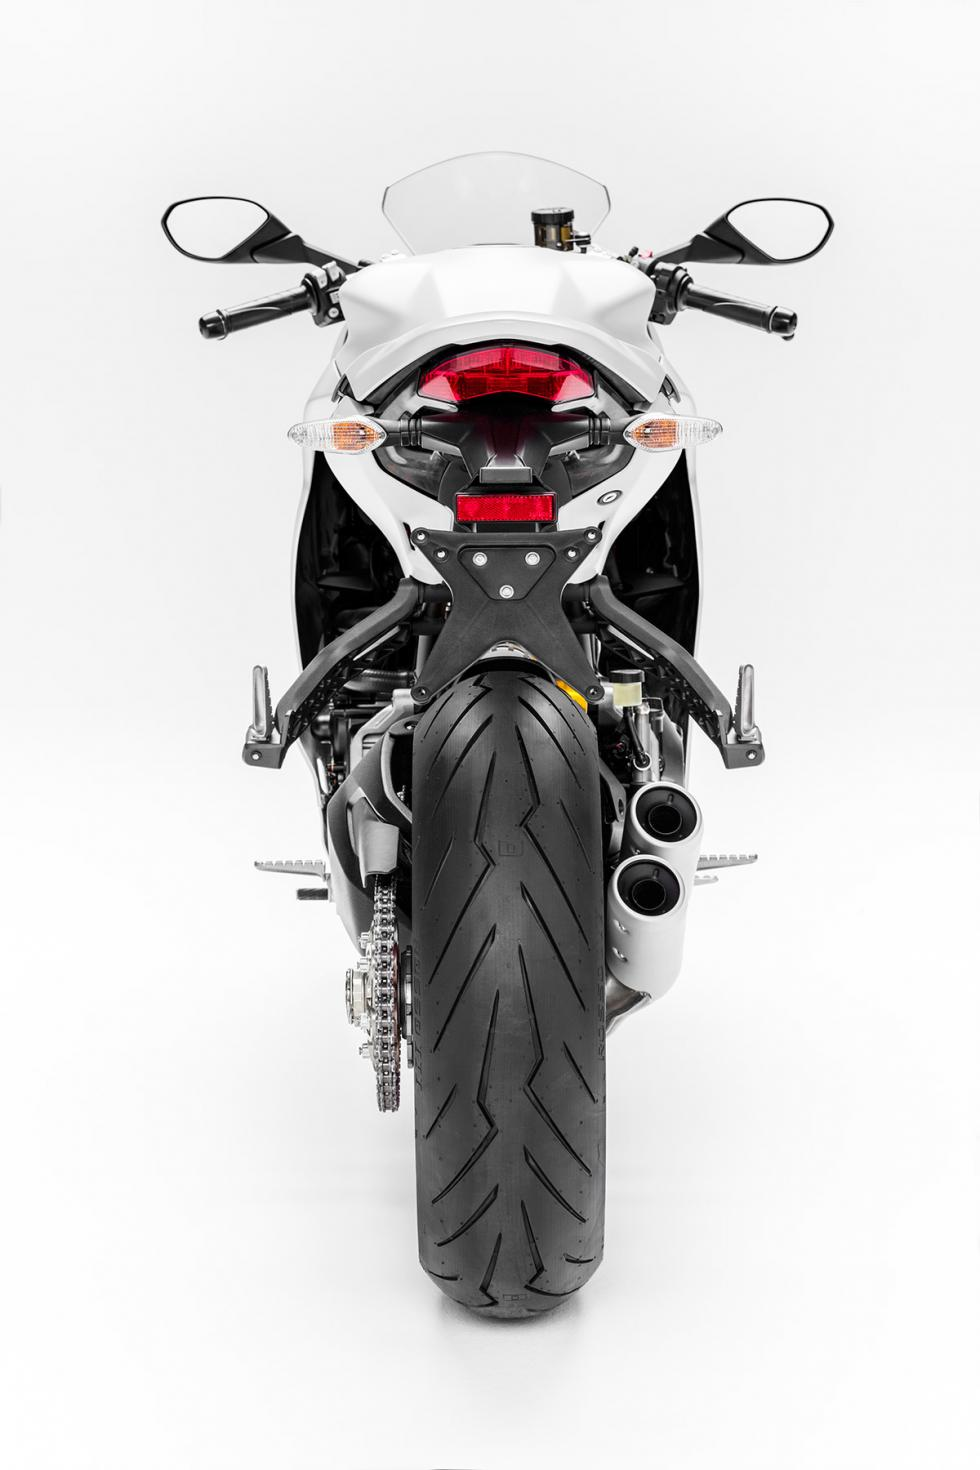 Ducati-SuperSport-2017-4